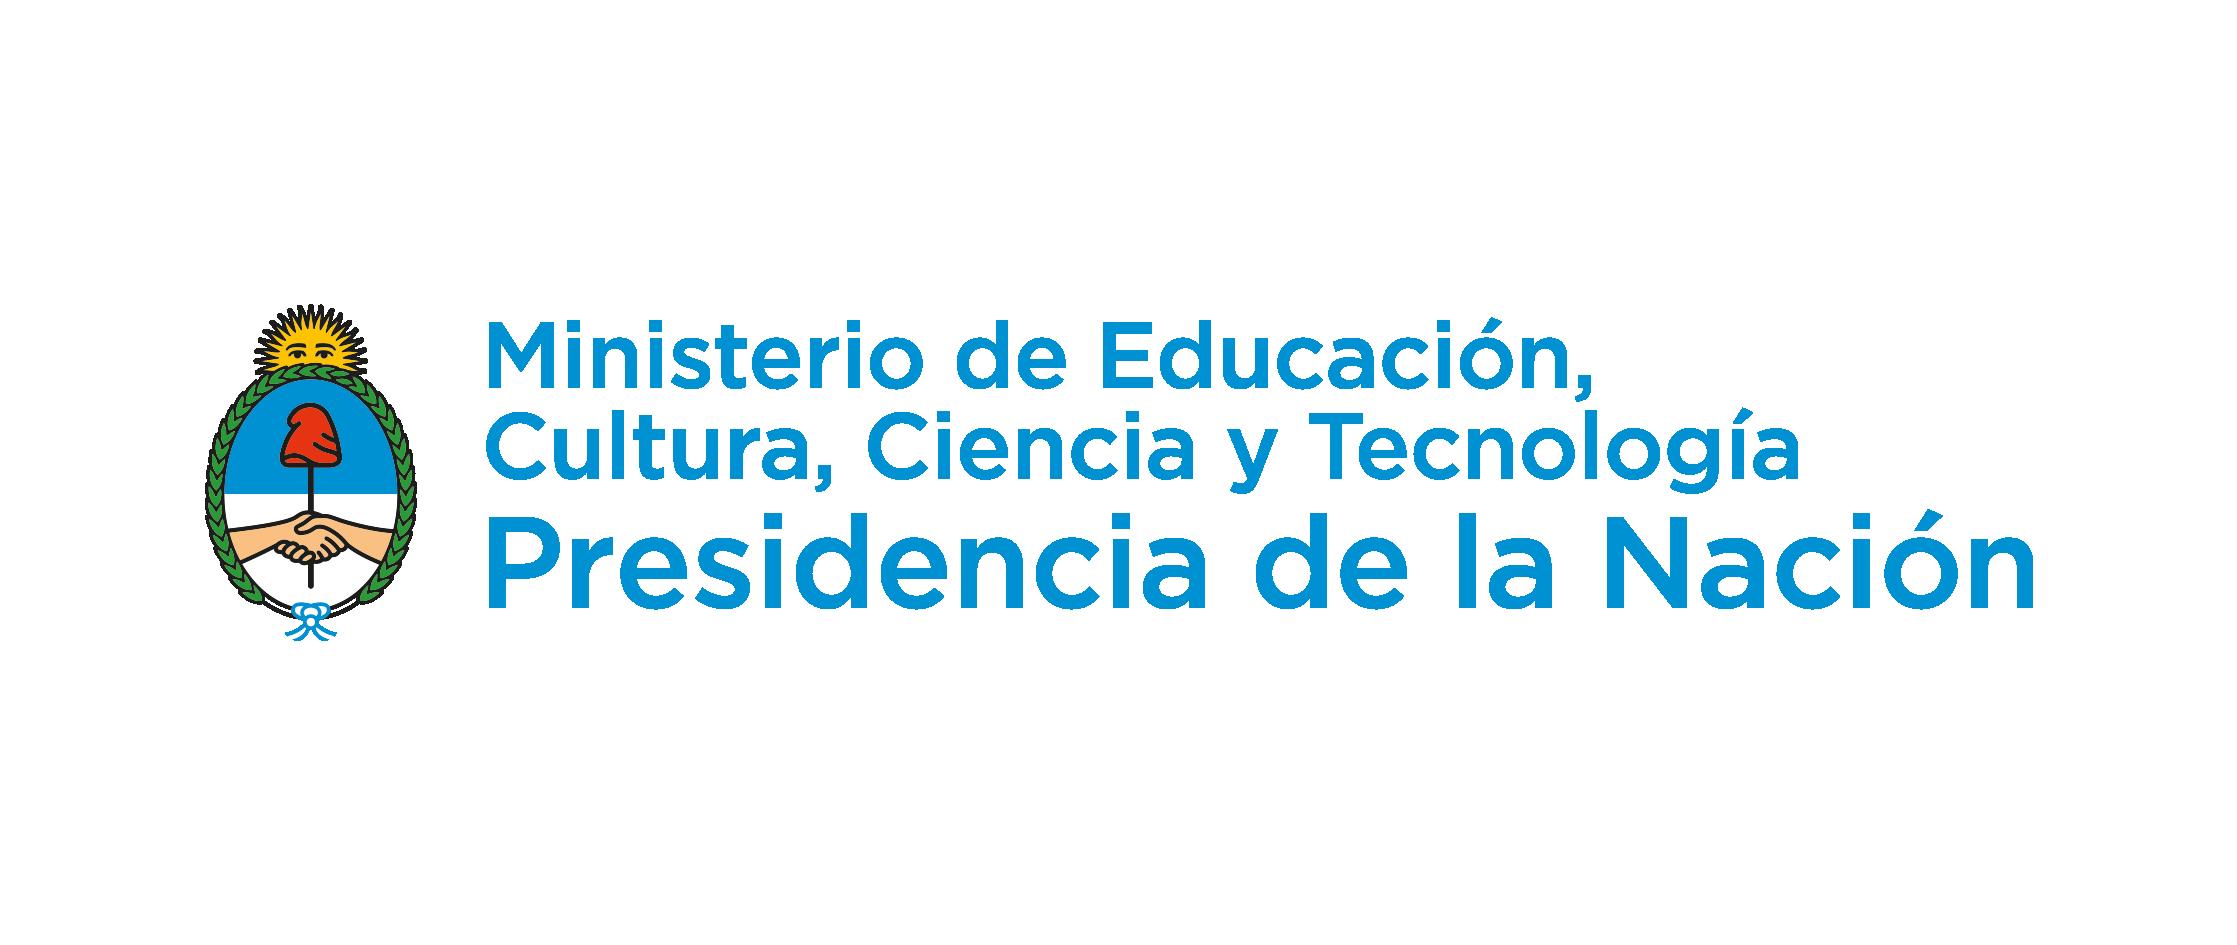 Ministerio de Educación, Cultura, Ciencia y Tecnología